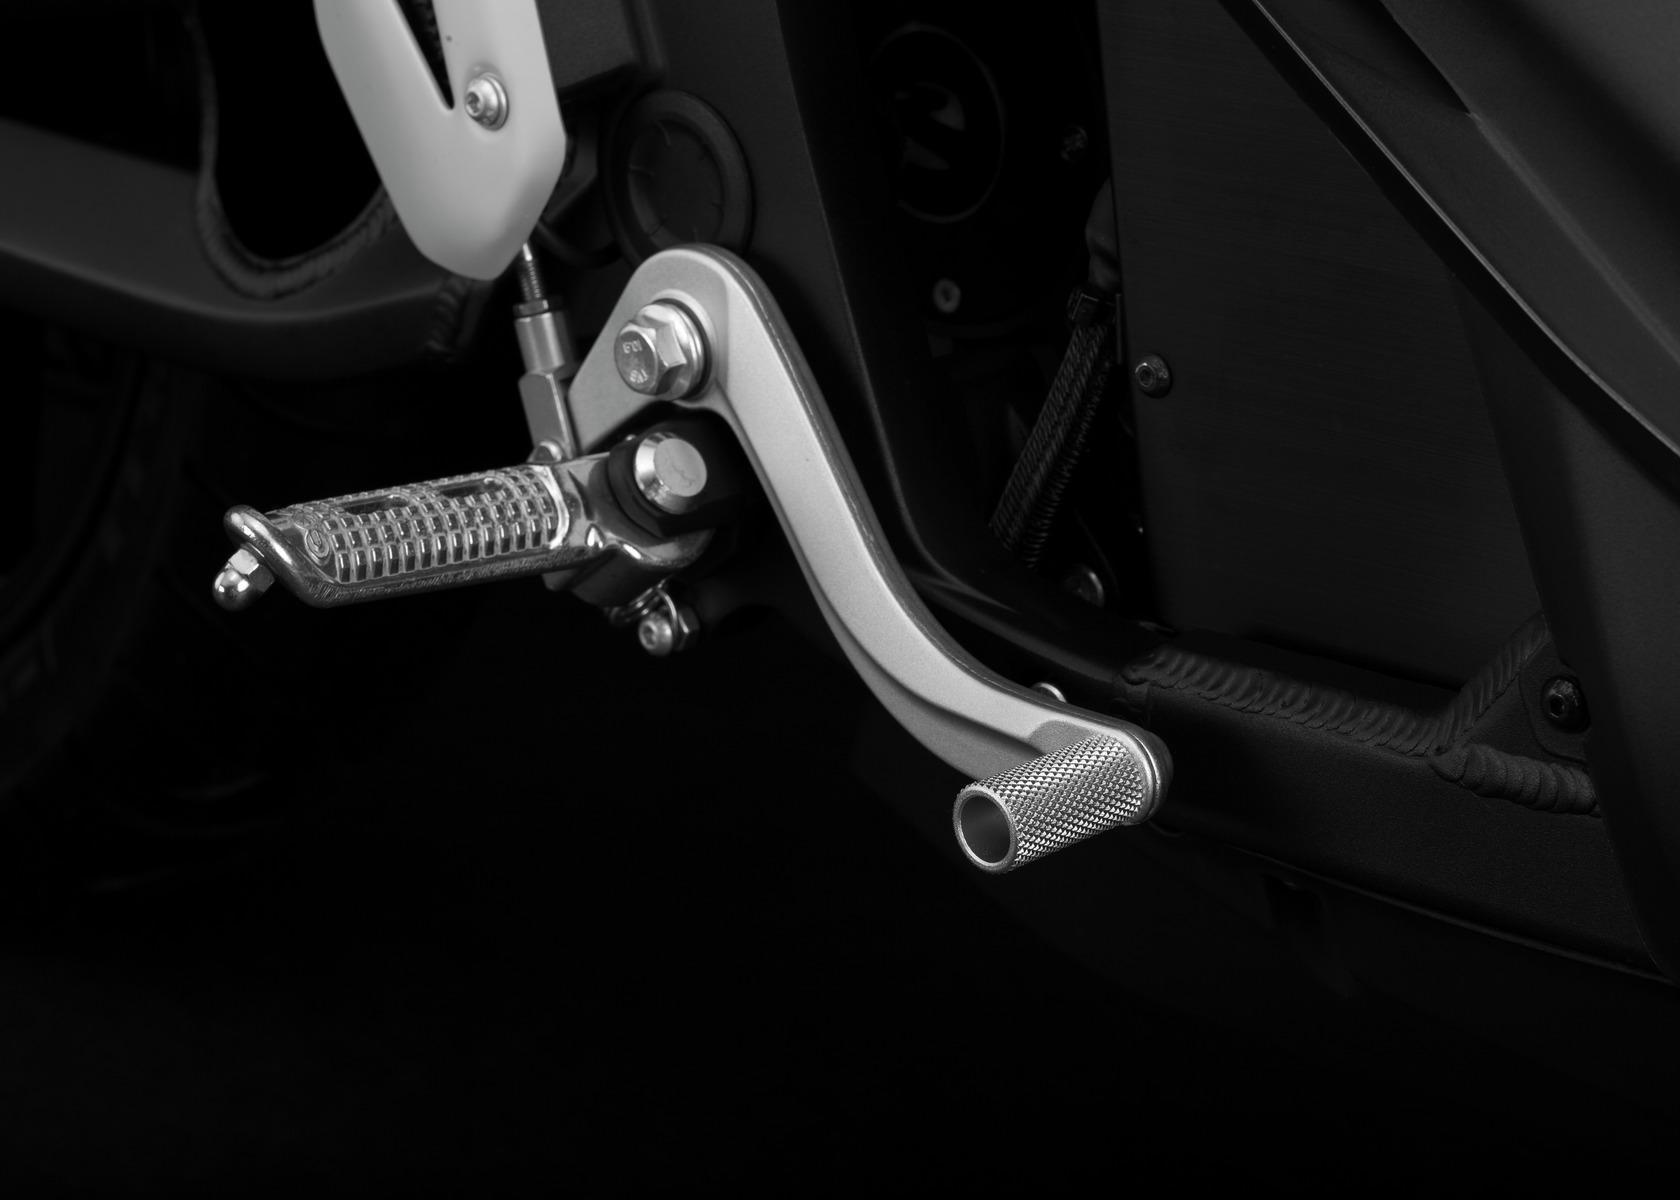 2016 Zero SR Electric Motorcycle: Brake Pedal